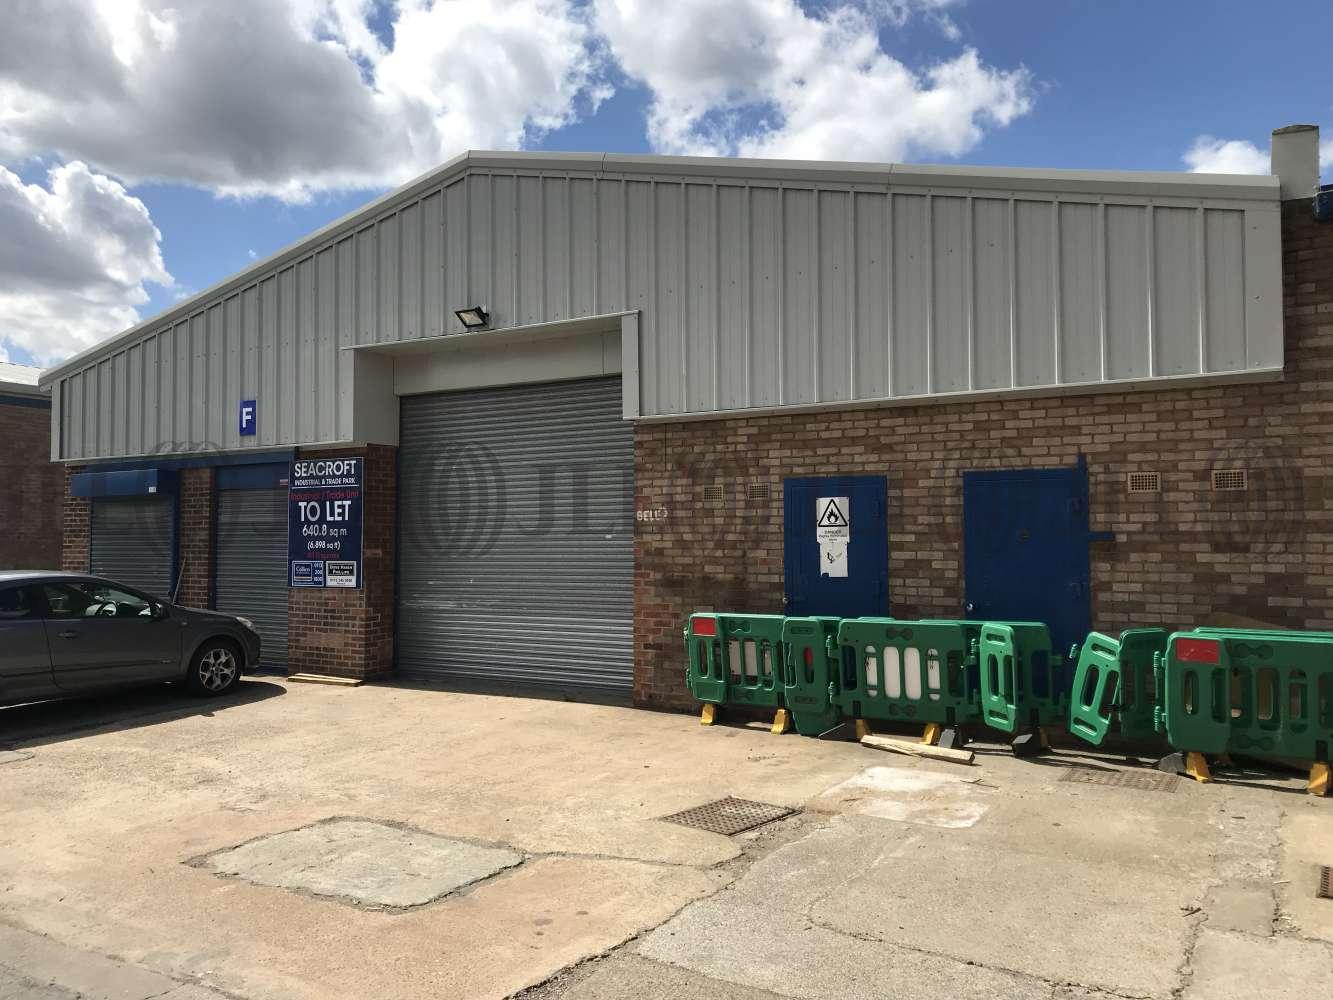 Industrial Leeds, LS14 2AQ - Unit F, Seacroft Industrial & Trade Park - 2